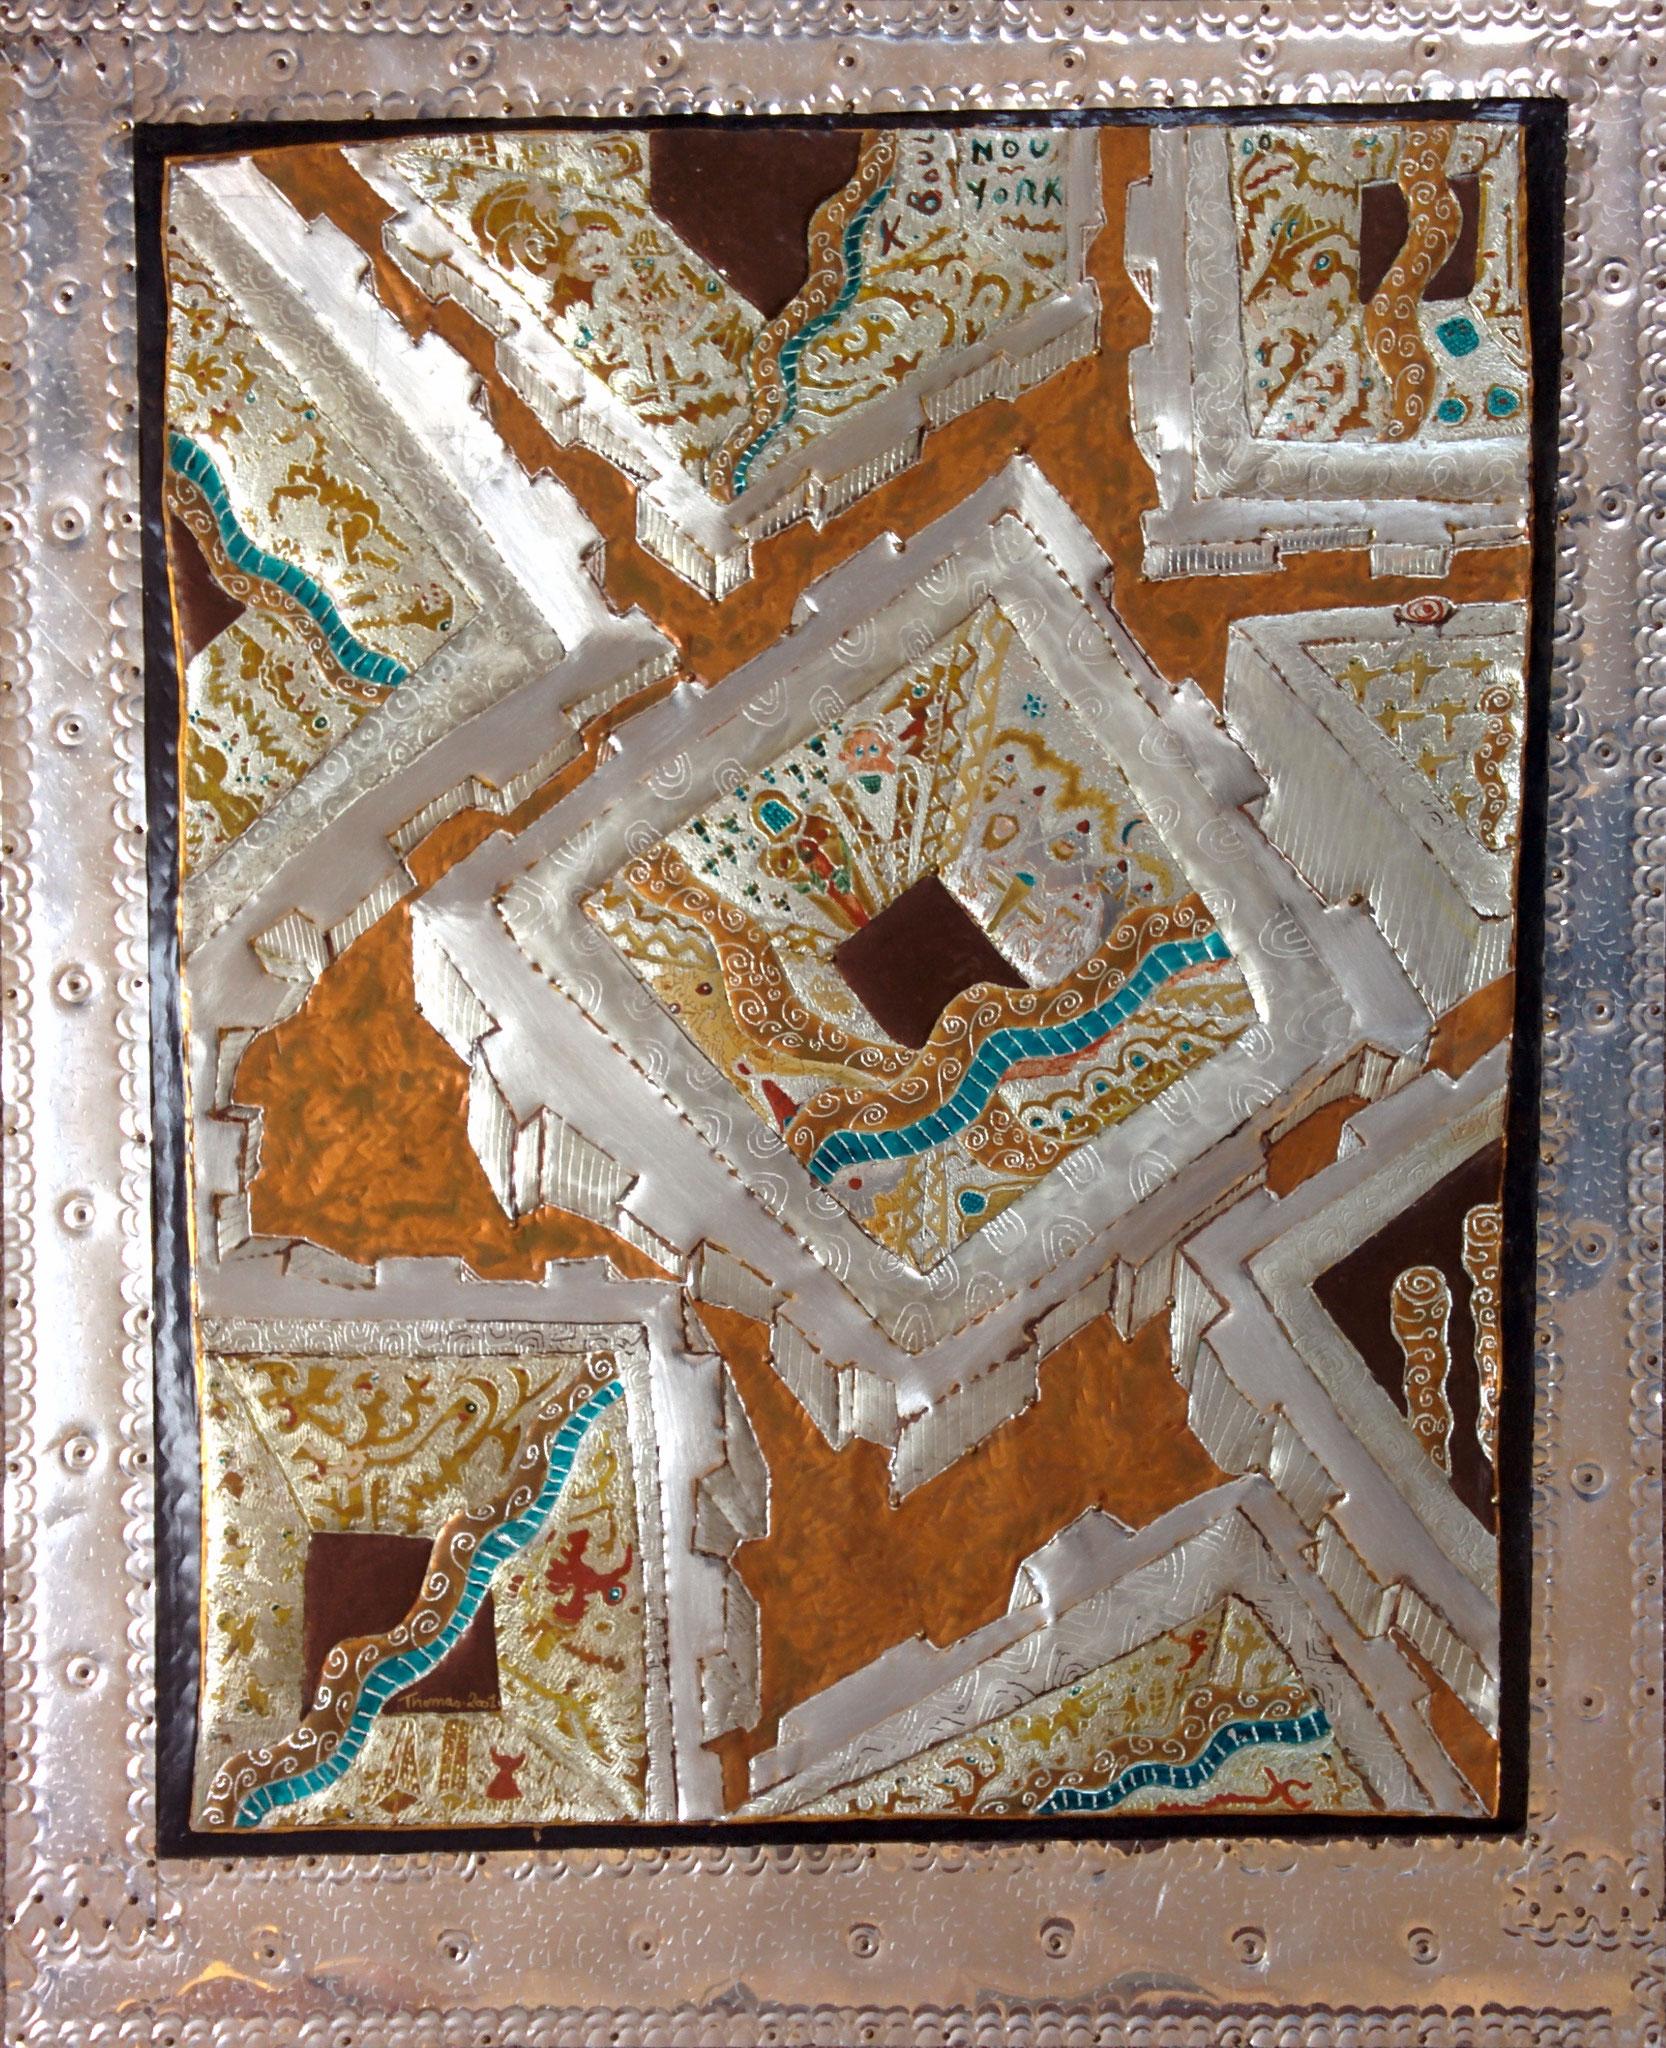 Les ruines du pouvoir/ tableau sur feuille d'aluminium clouée sur panneau médium/ format : 69x56x1.5cm/ peinture acrylique et vernis/2001/indisponible